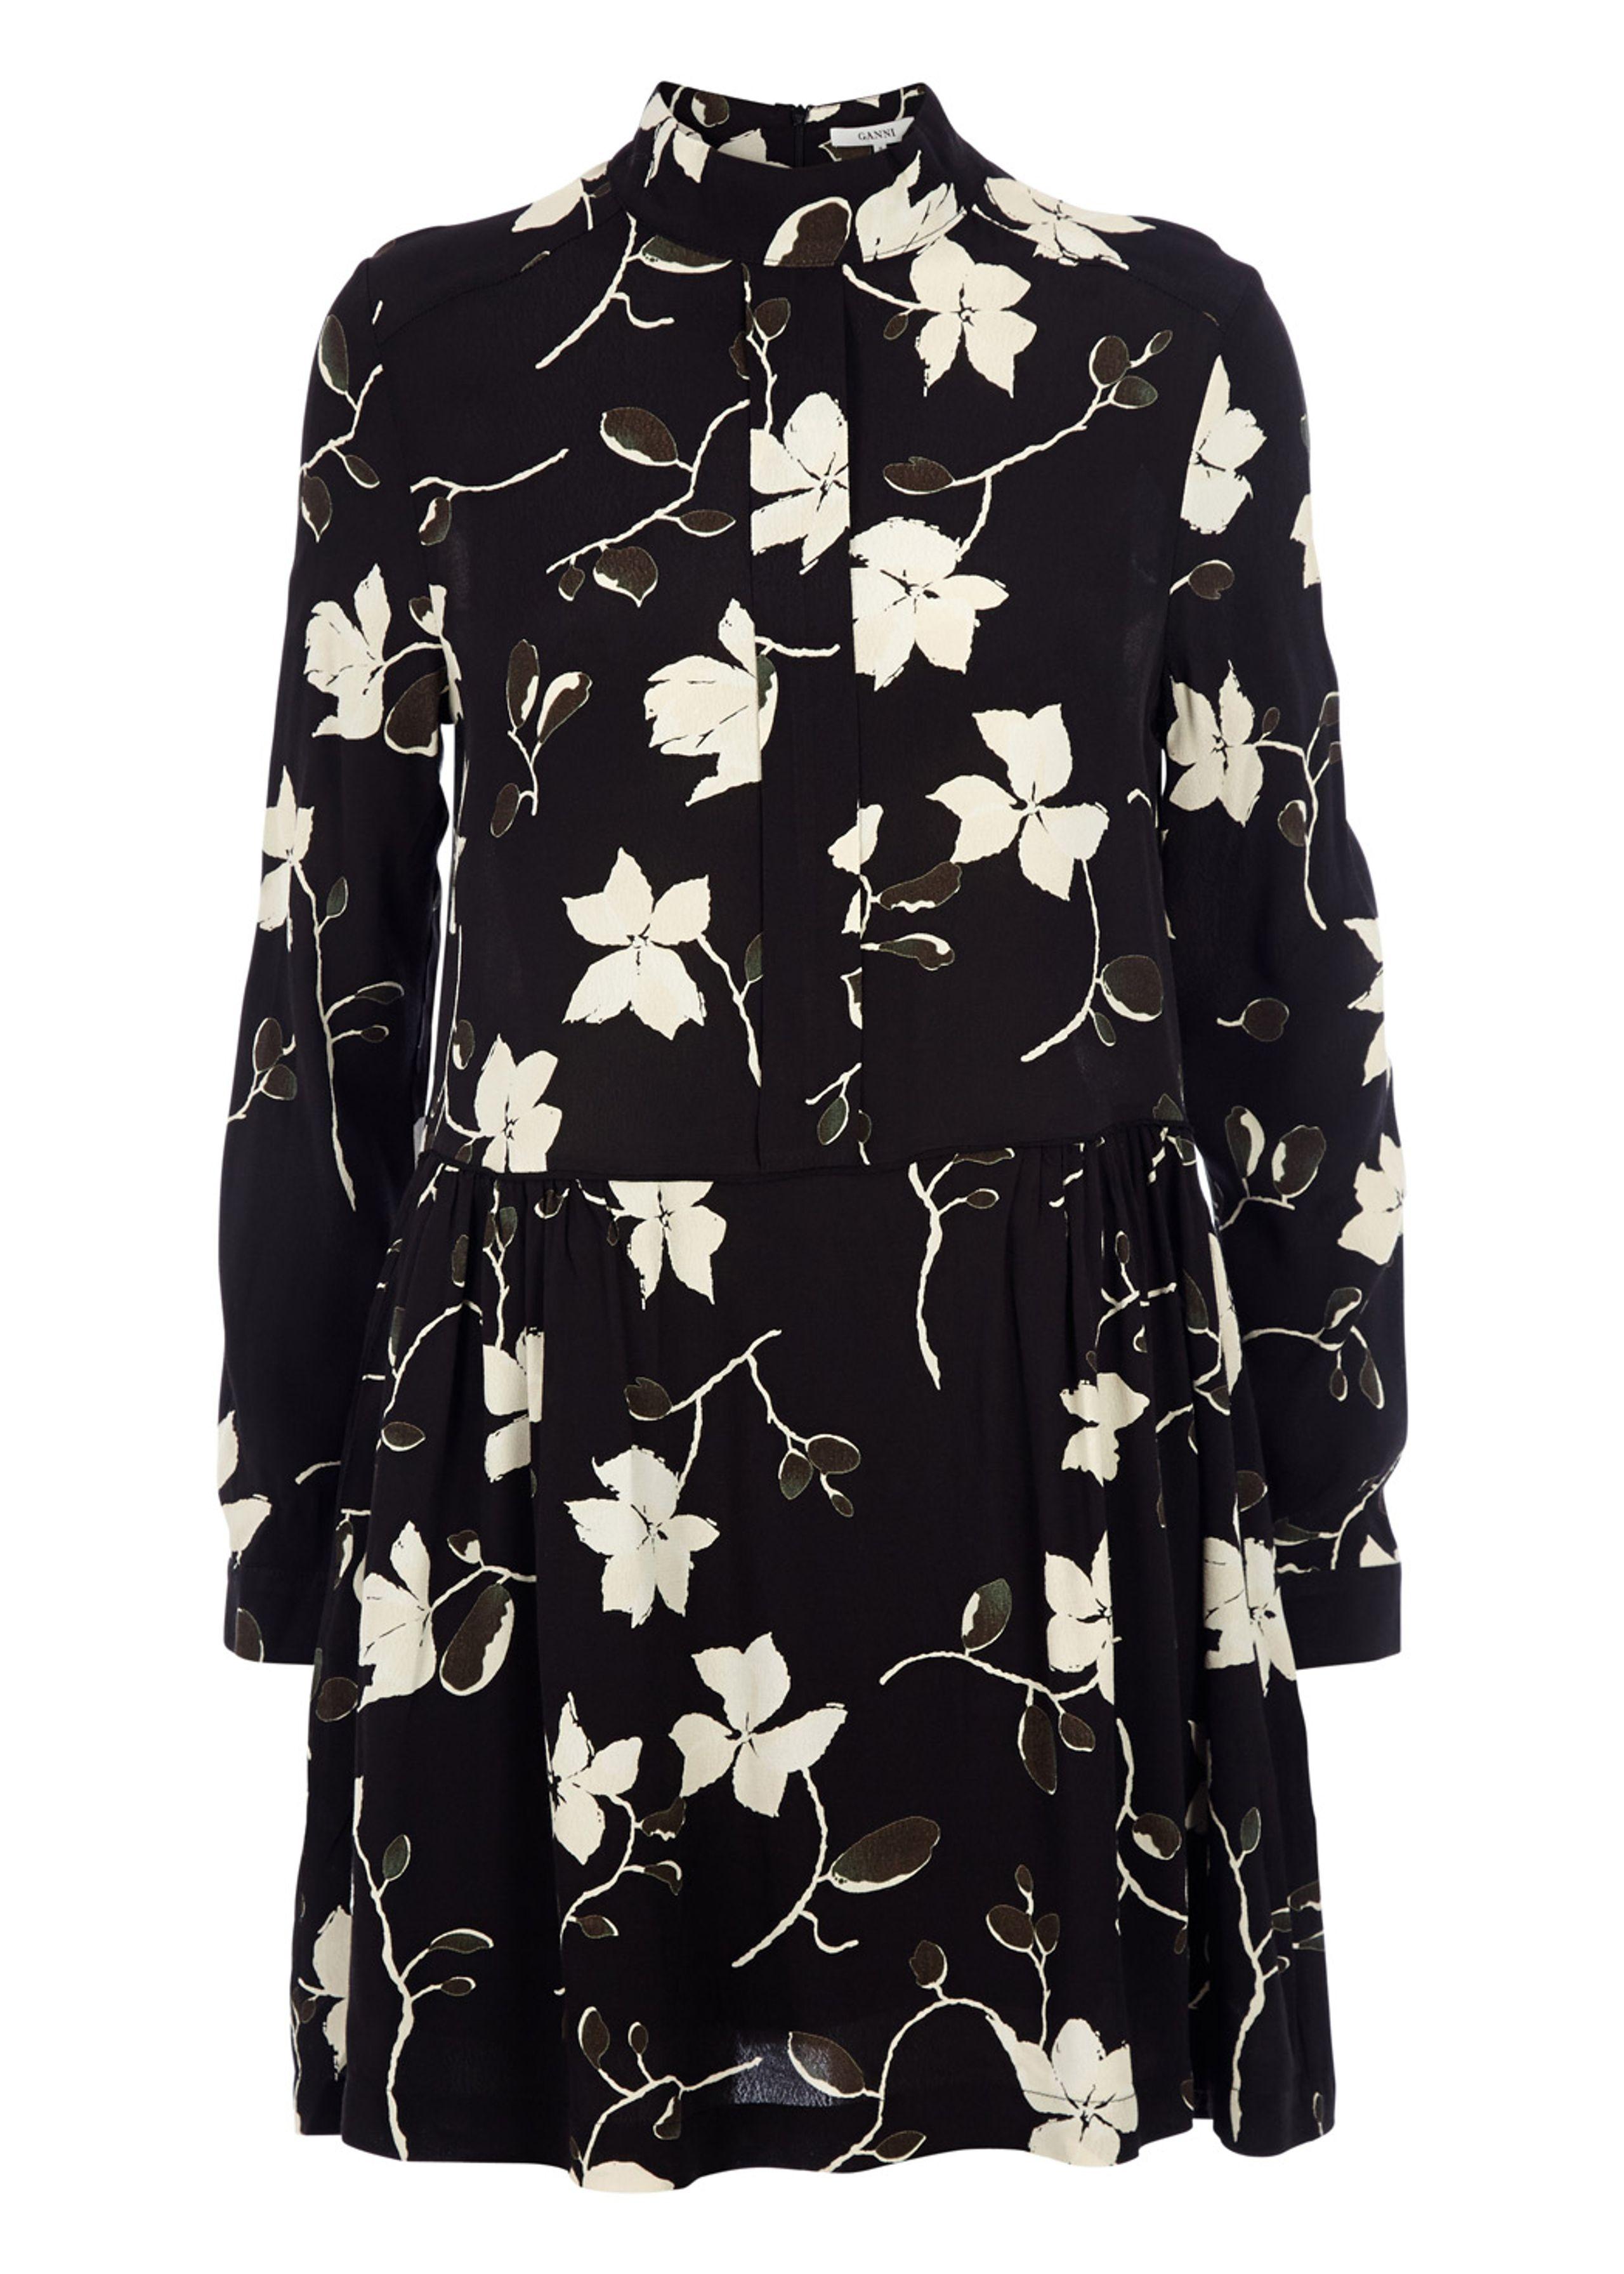 Rosemont pleat dress